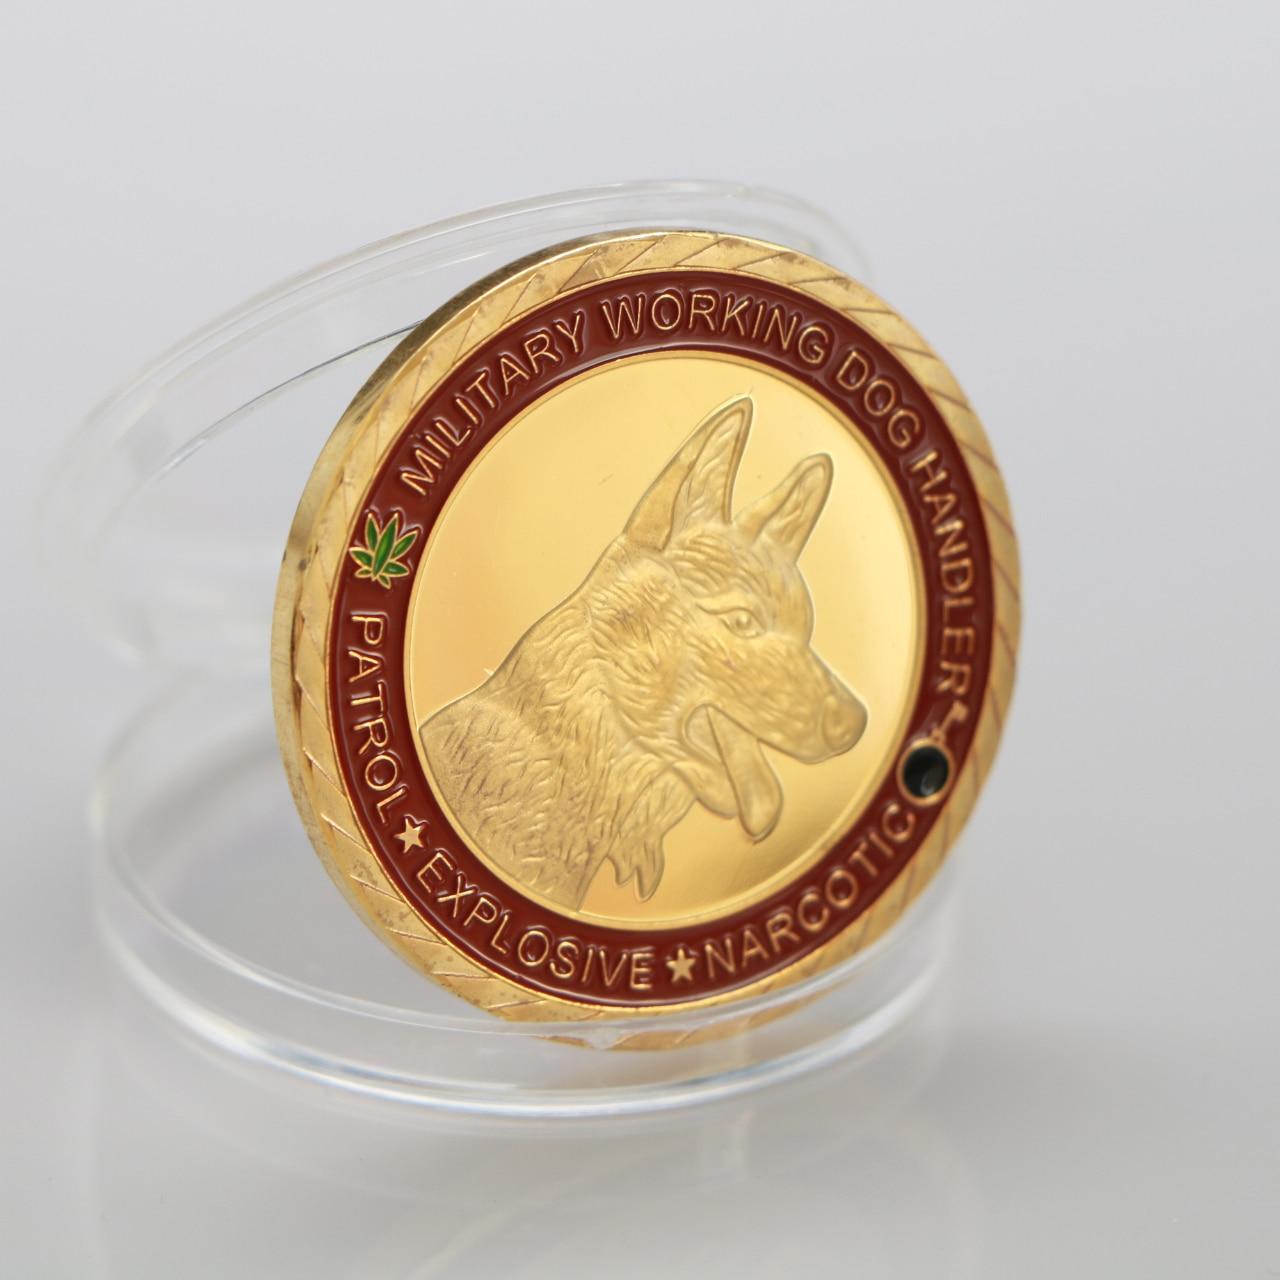 Moneda conmemorativa Dog K9 dedicada a la lealtad, medalla de Honor para perro policía, colección de monedas chapada en oro, guardianes de la noche